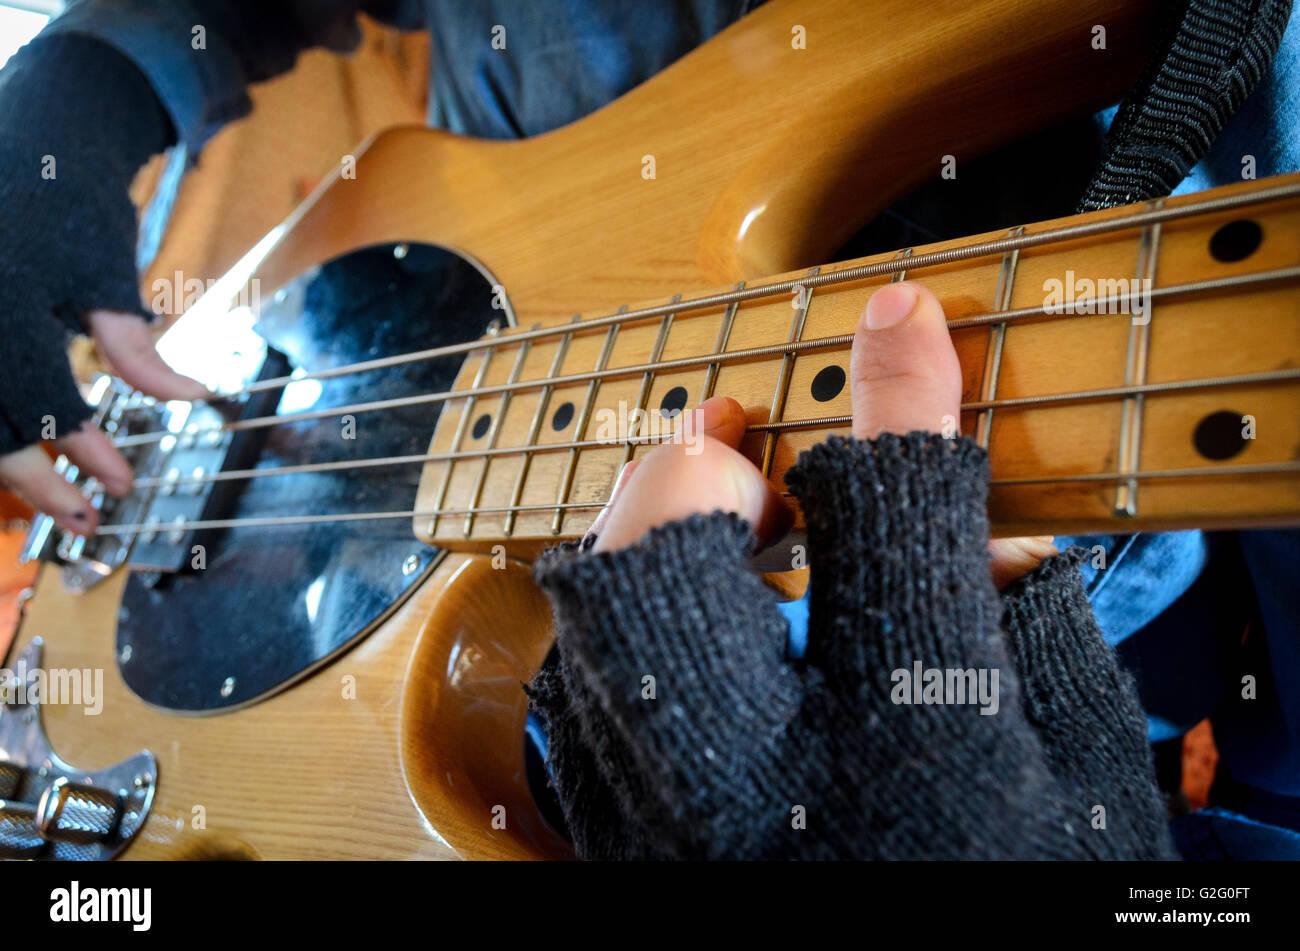 Playing bass guitar wearing fingerless gloves